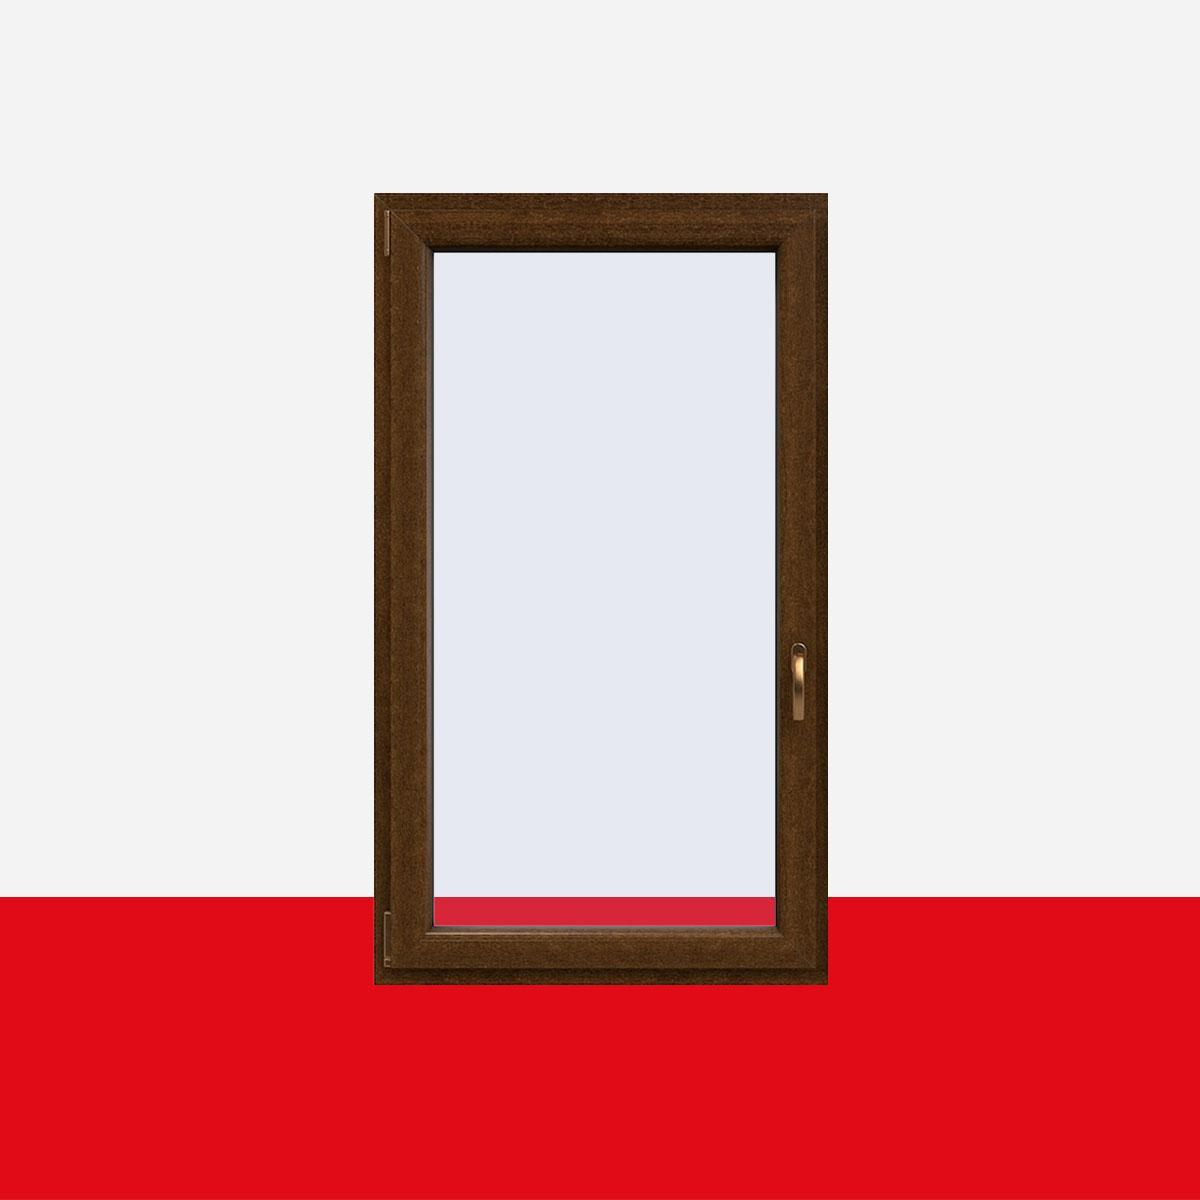 Full Size of Fenster 120x120 Kunststofffenster Nussbaum Innen Und Auen Dreh Kipp 1 Einbruchschutz Folie Bremen Plissee Rollos Runde Konfigurator Für Polnische Rahmenlose Fenster Fenster 120x120